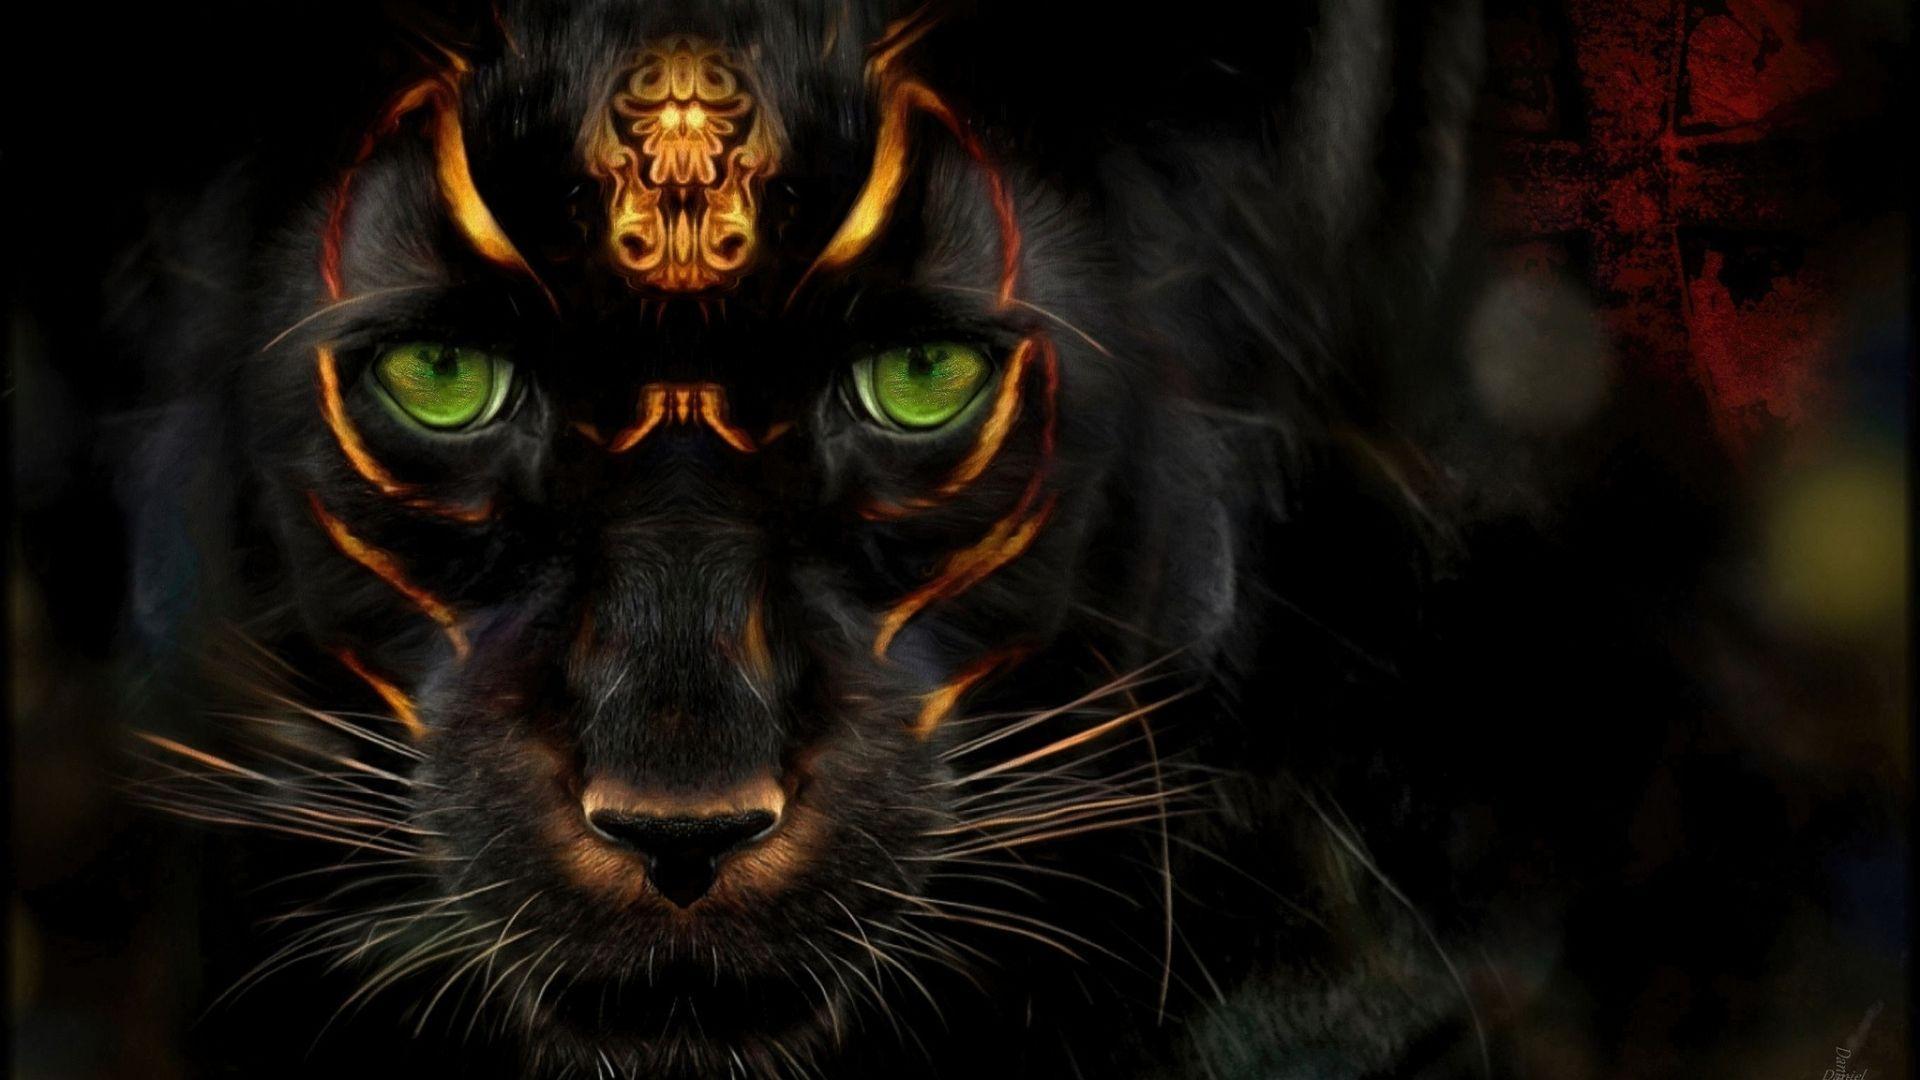 Animal Eyes Wallpapers - Top Free ...